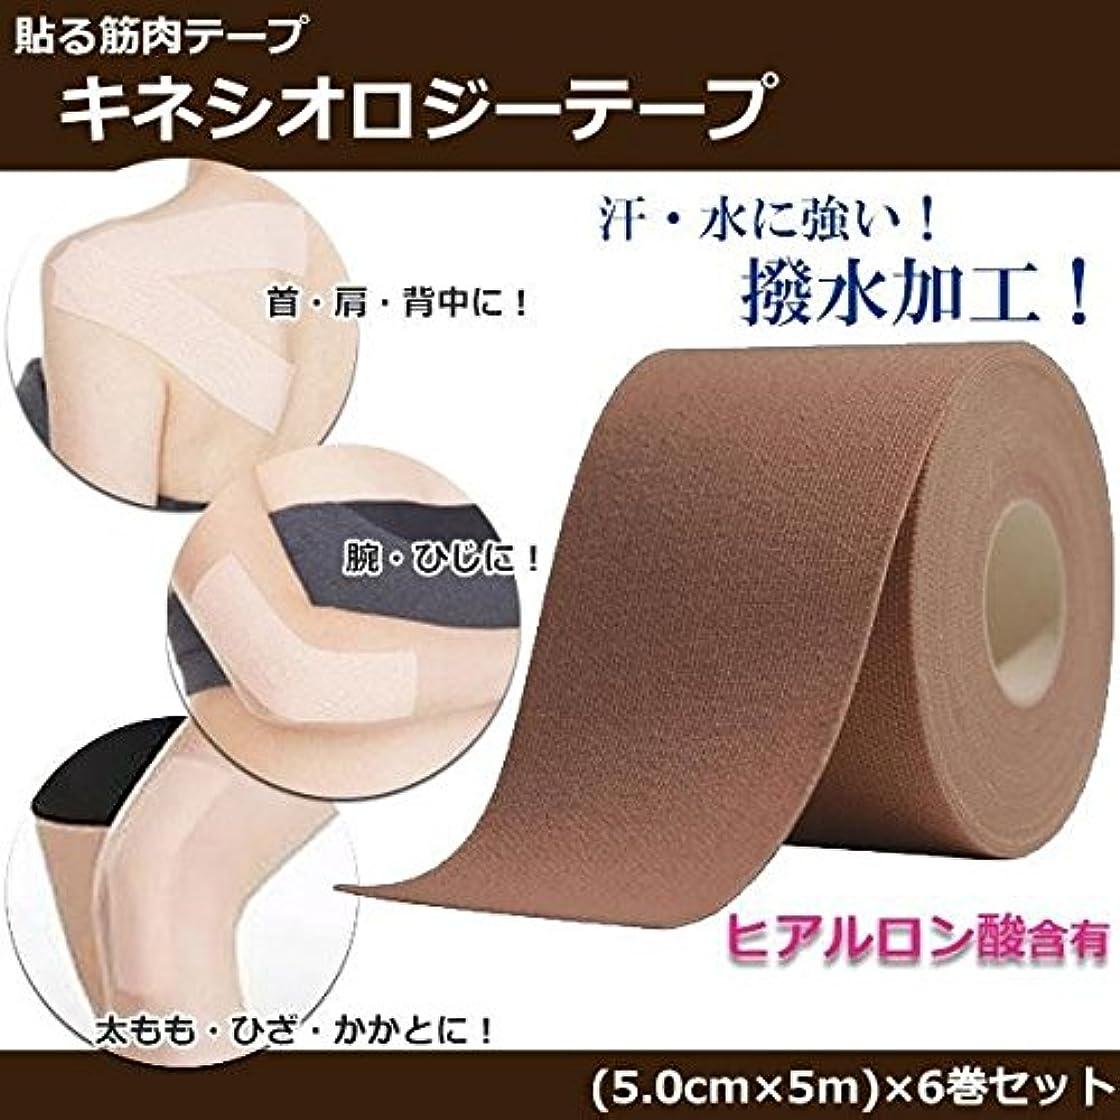 気候年金効果的貼る筋肉テープ キネシオロジーテープ ヒアルロン酸含有 日本製 6巻セット